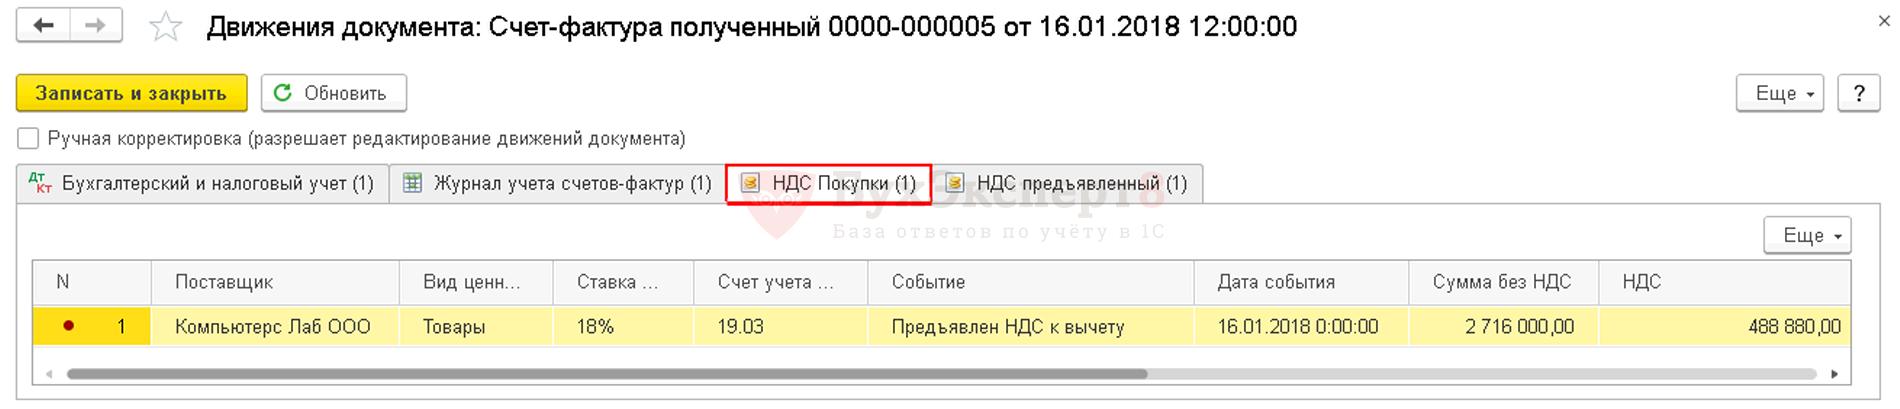 1с регистр ндс покупки 1с сервер обновления конфигурации